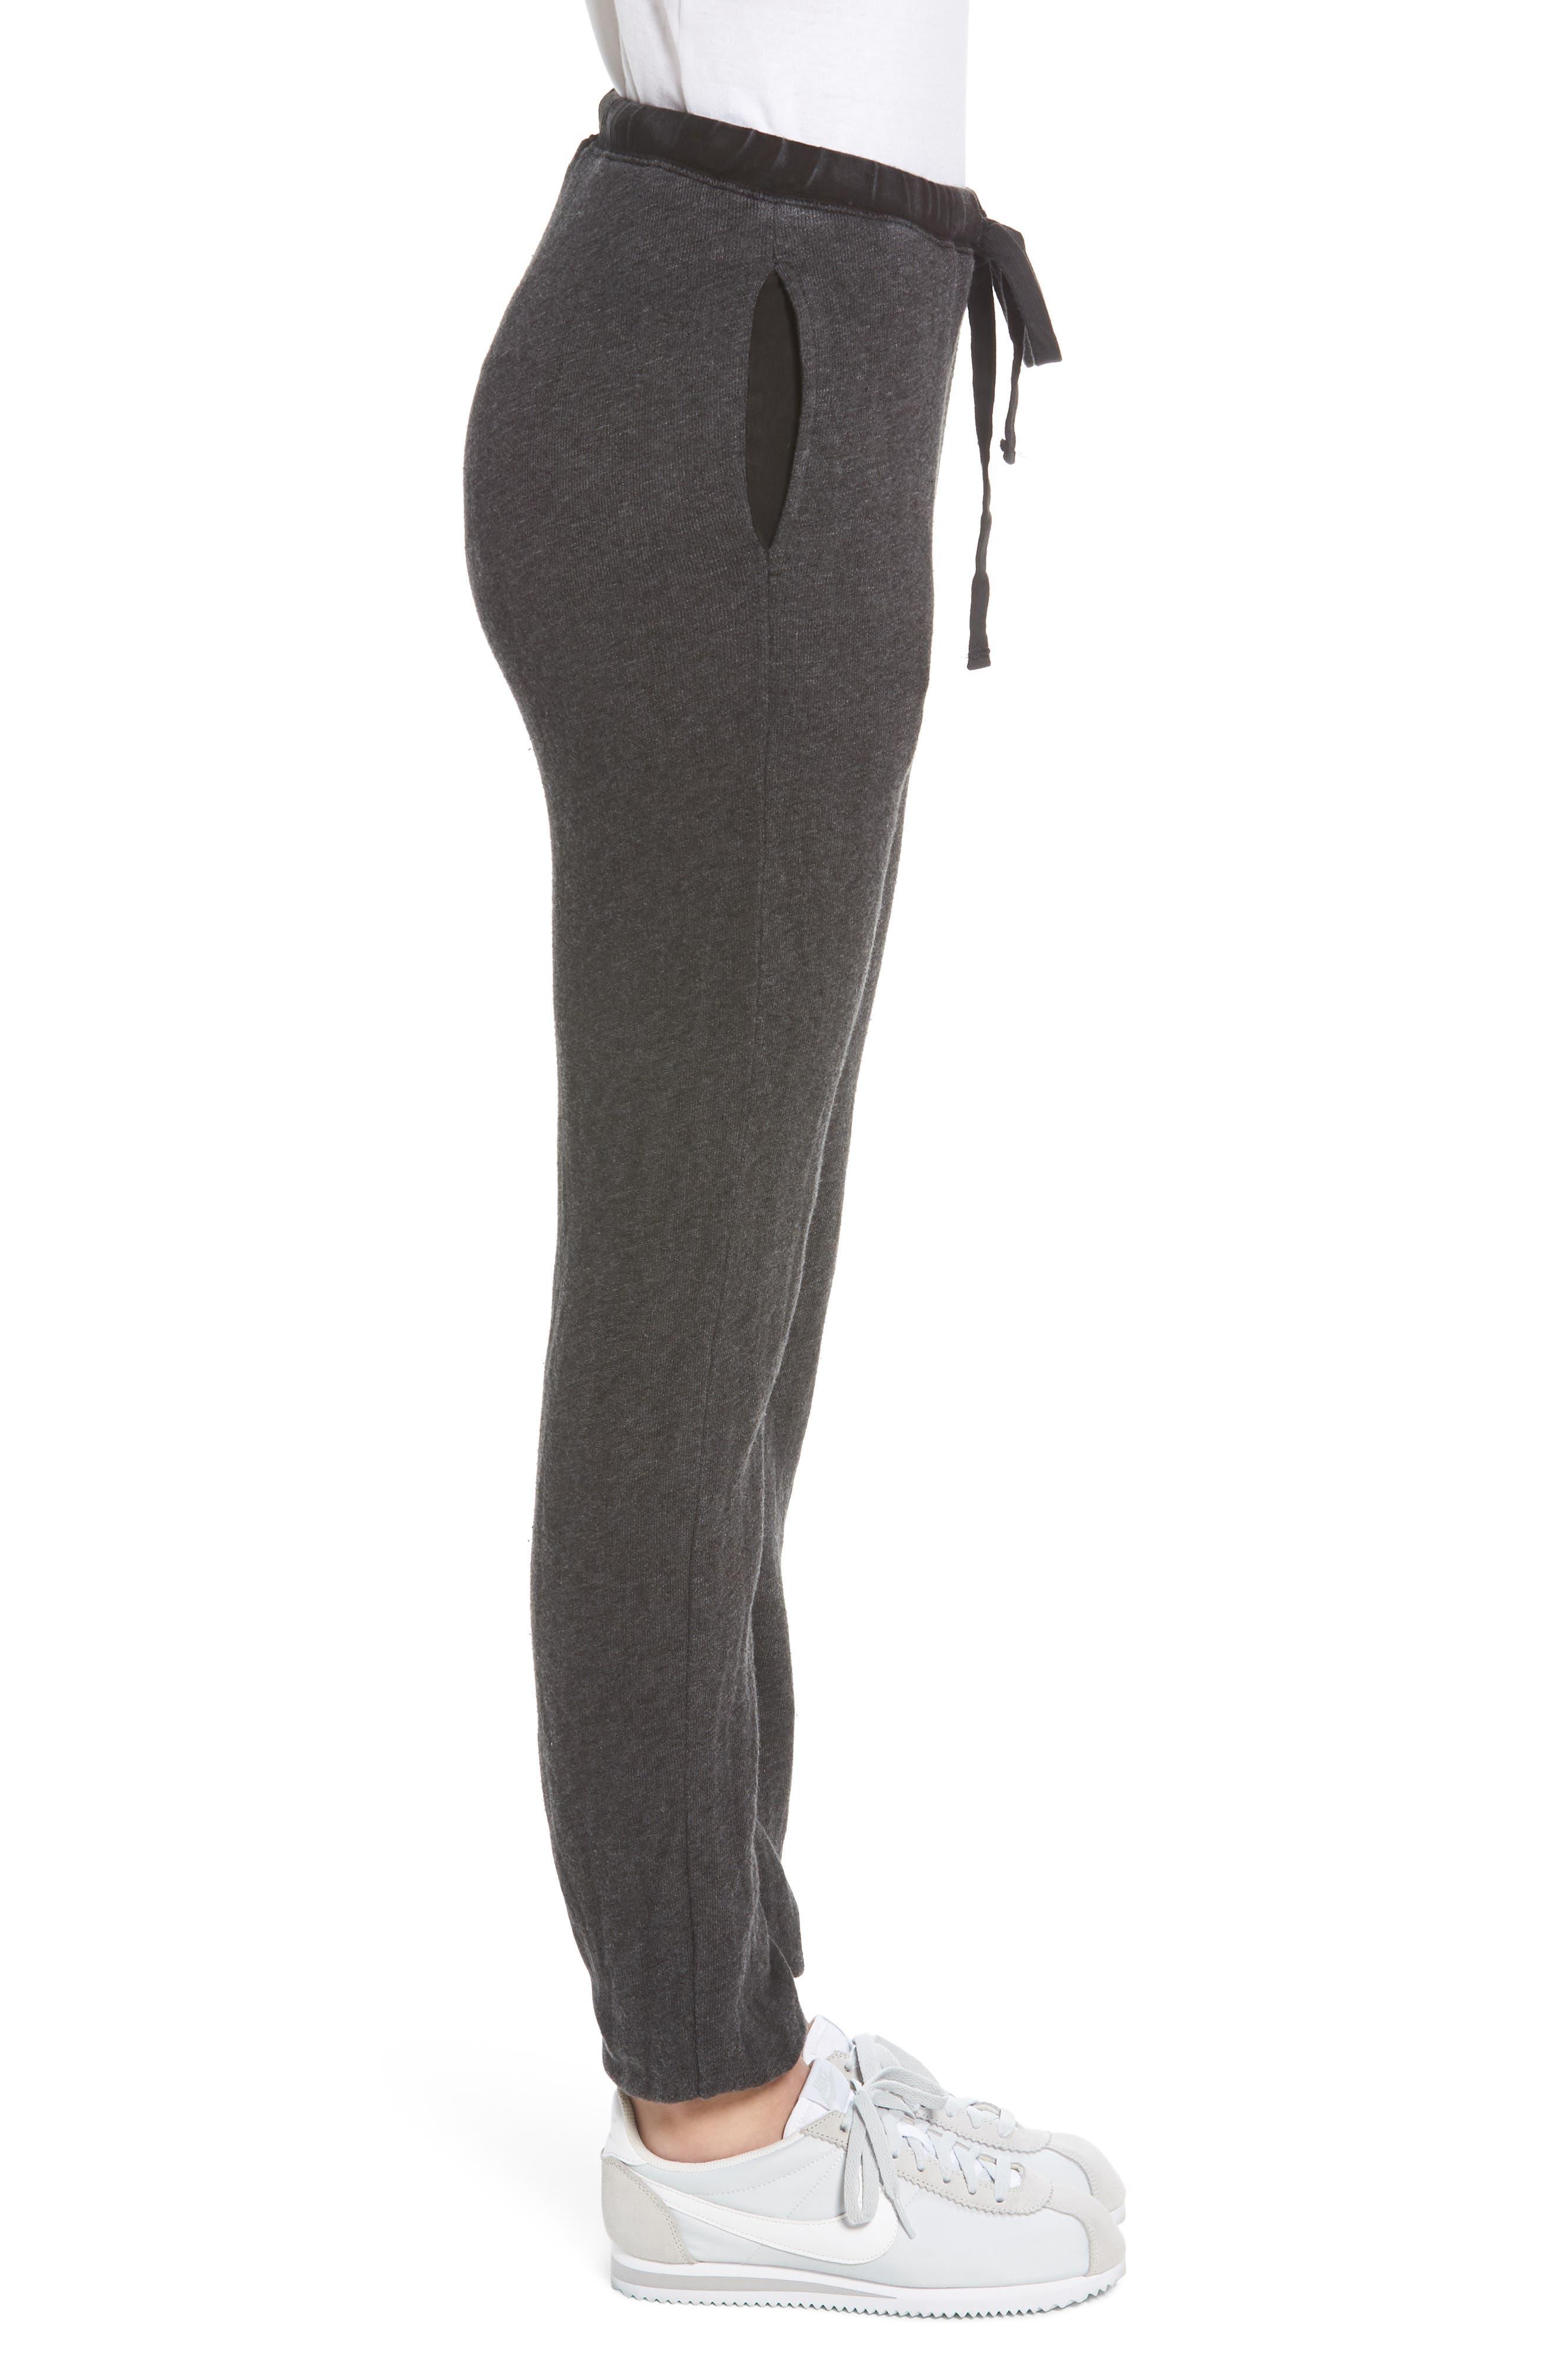 Kiama Lounge Pants,                             Alternate thumbnail 3, color,                             Mw Black